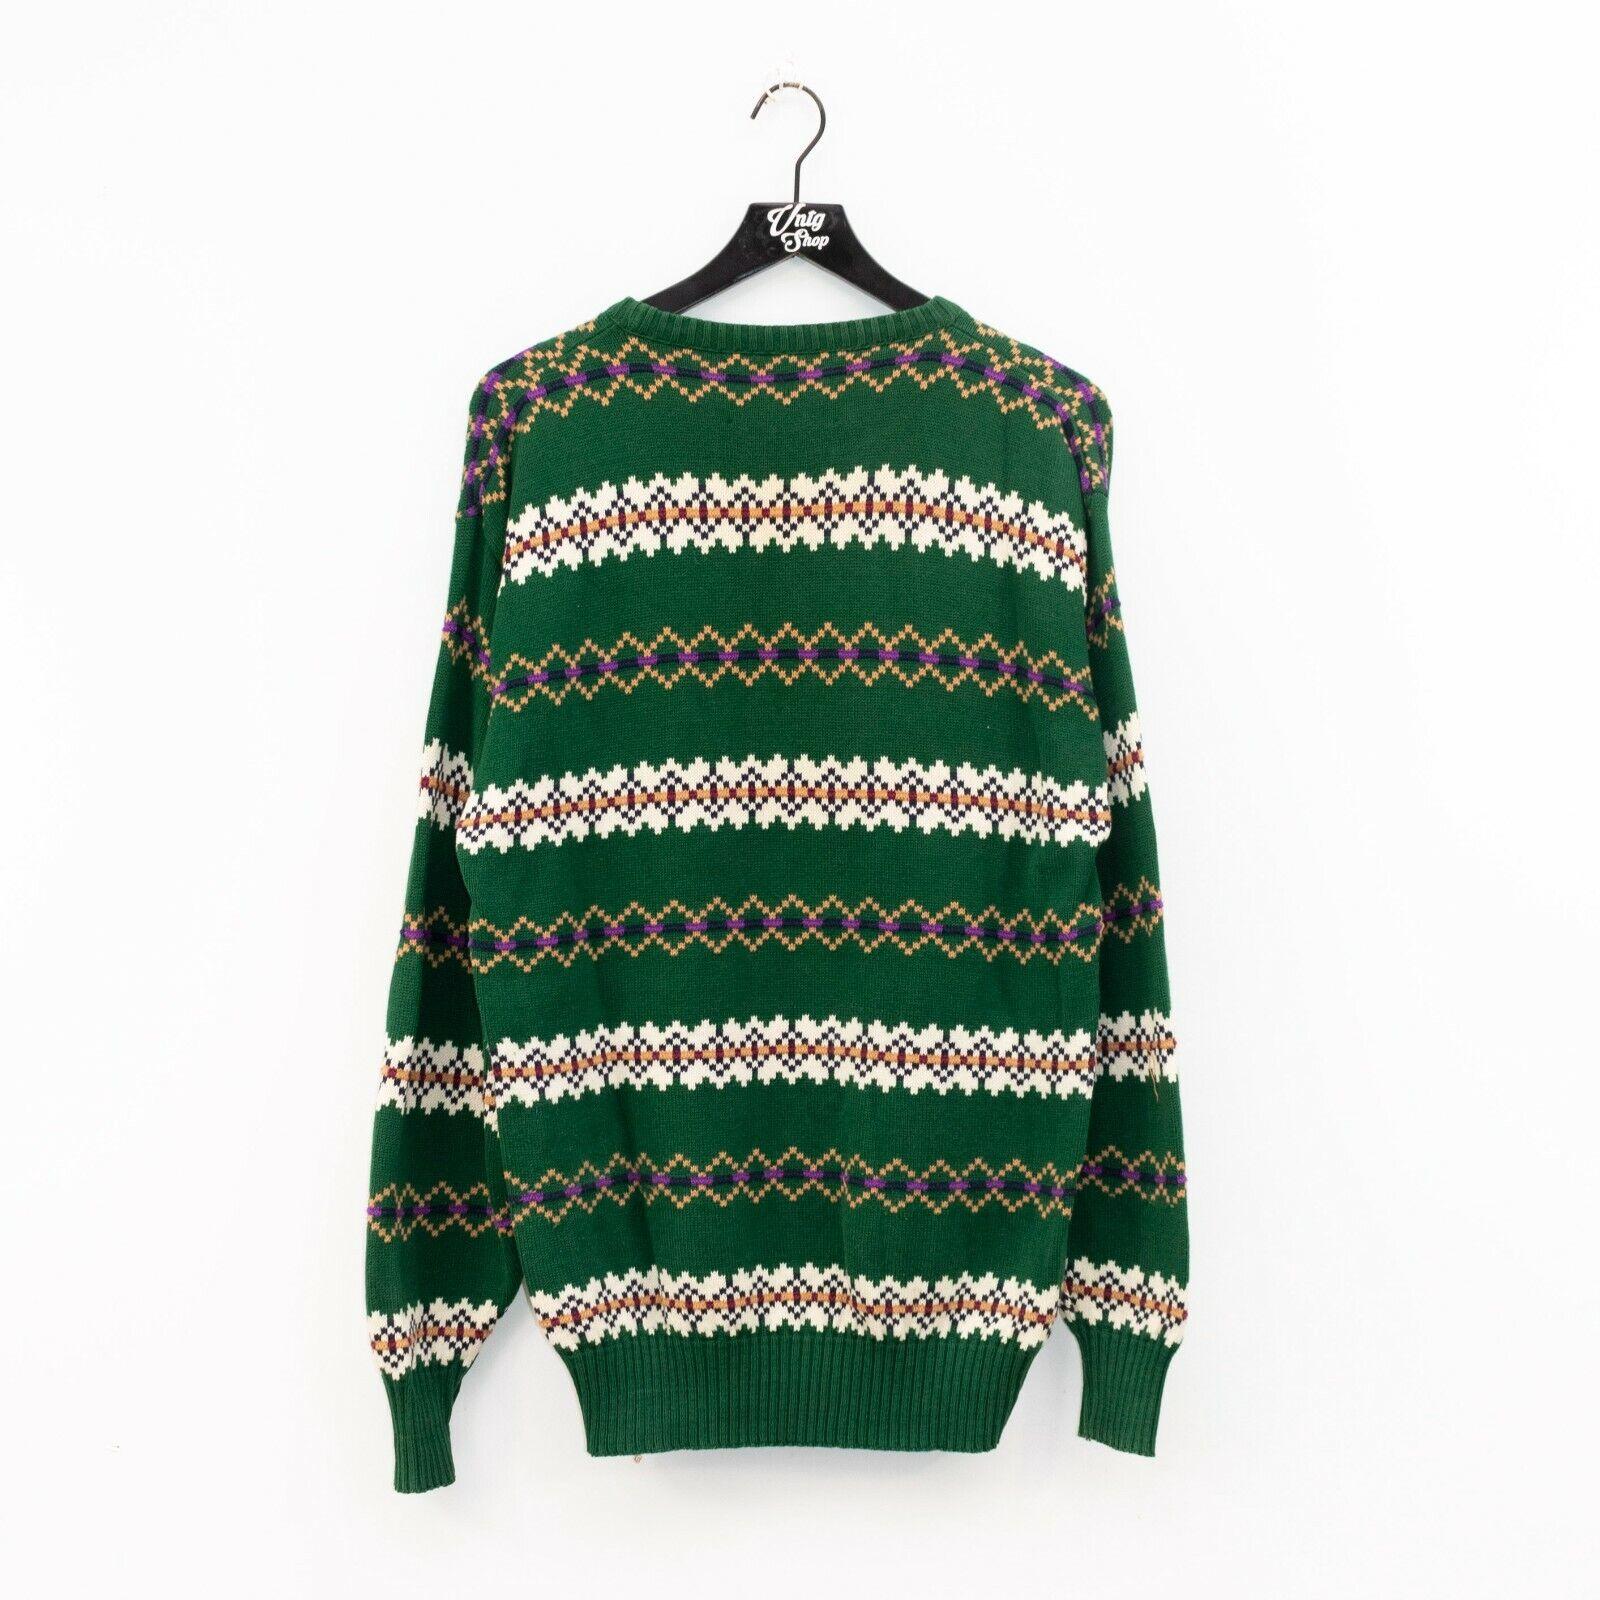 Vintage 80s/90s Chaps Ralph Lauren Knit Sweater S… - image 2